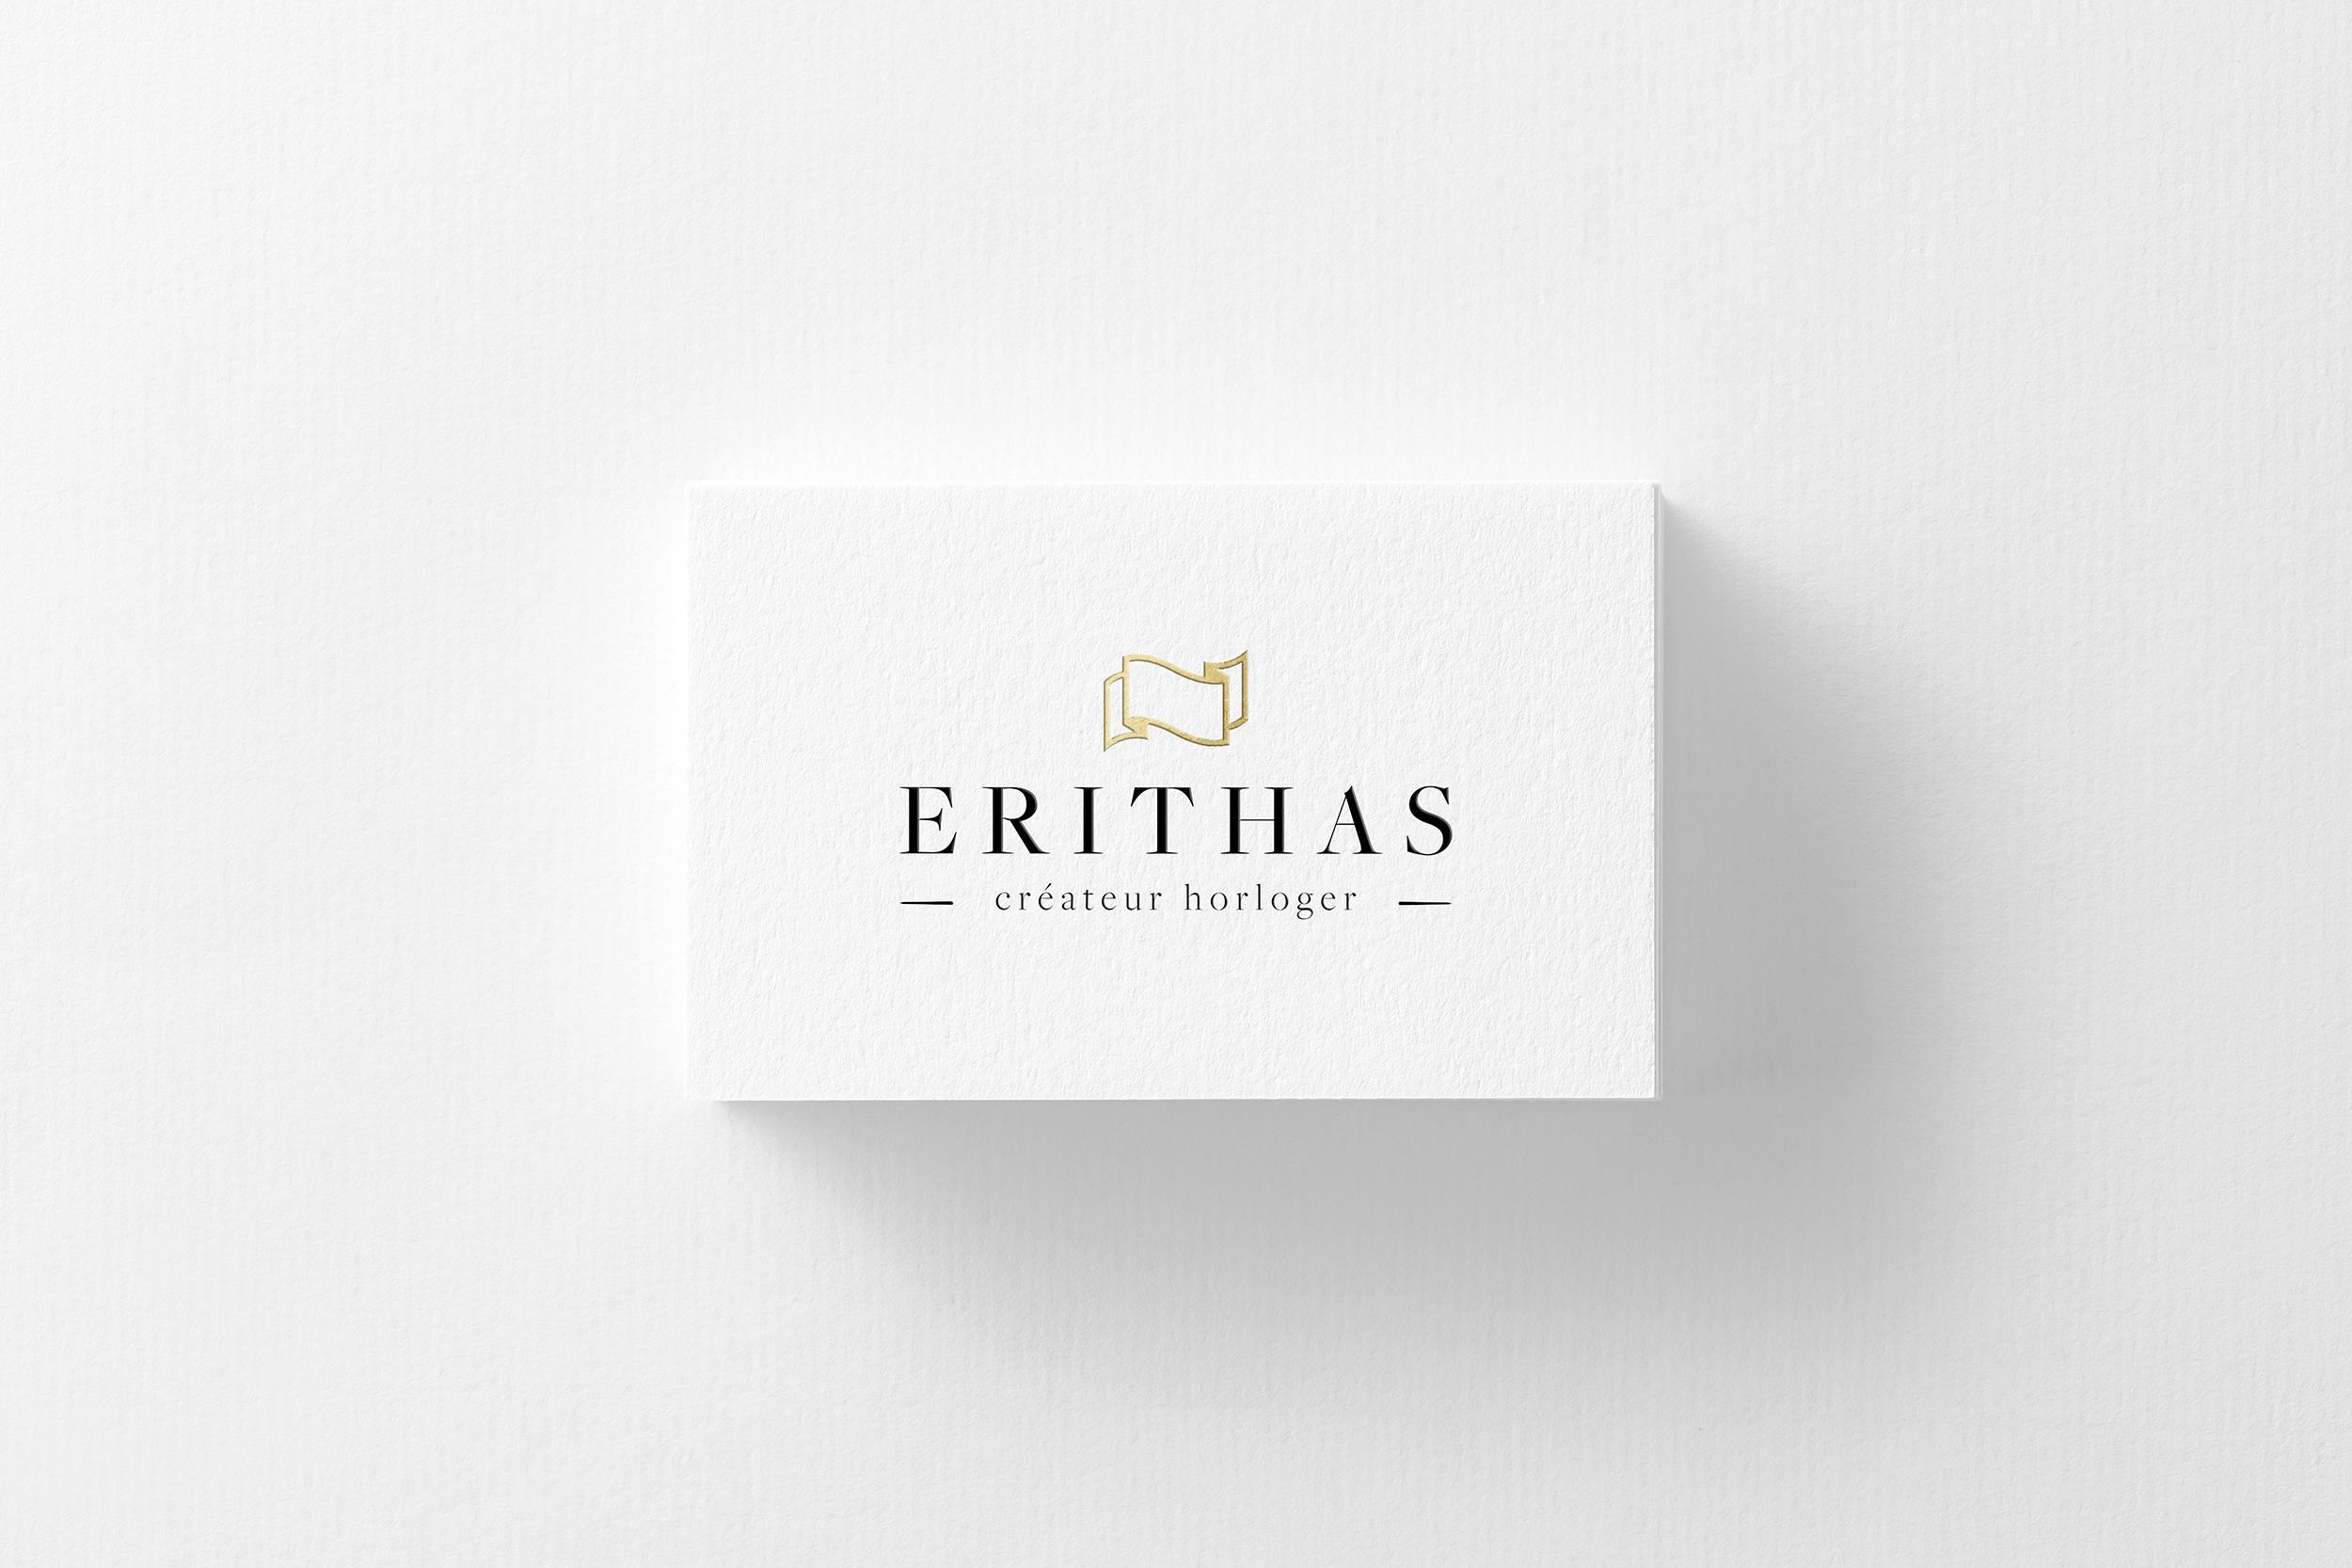 Erithas